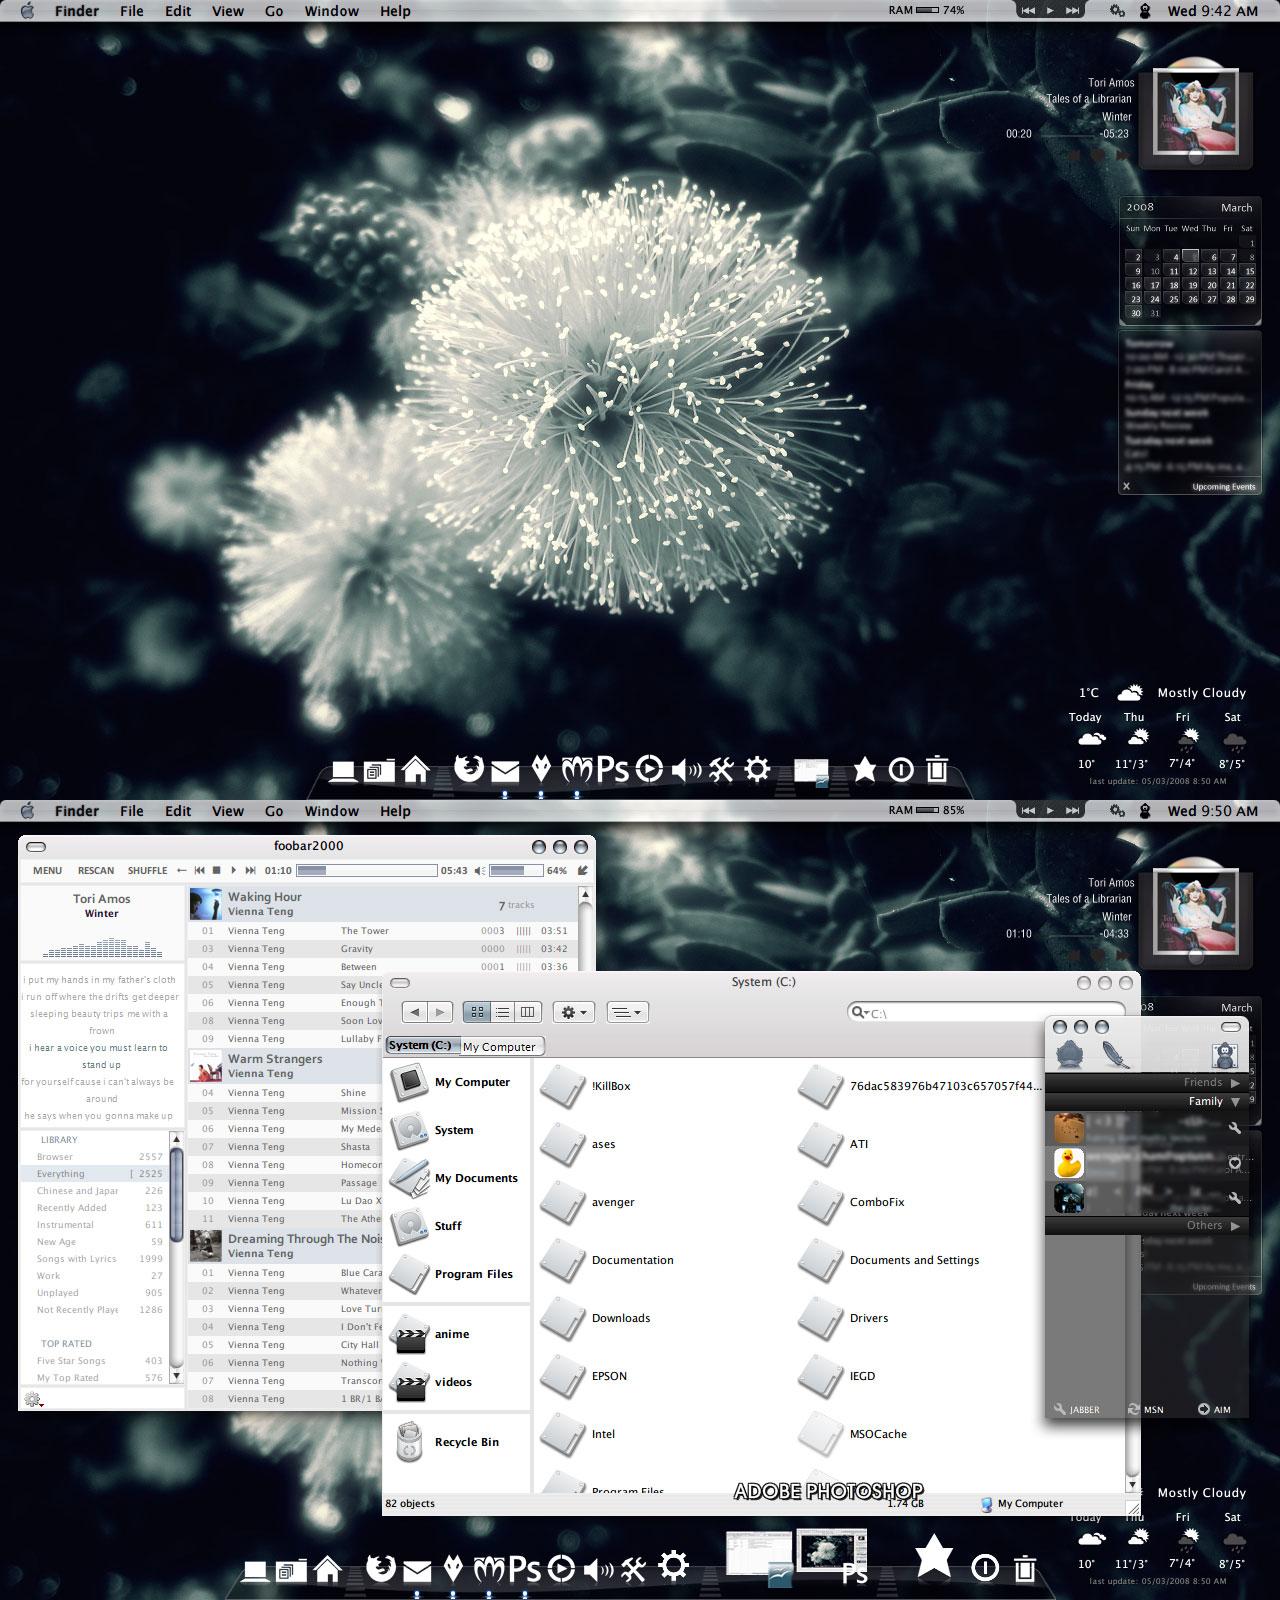 Desktop, 5 March 2008 by chocolatemuffins